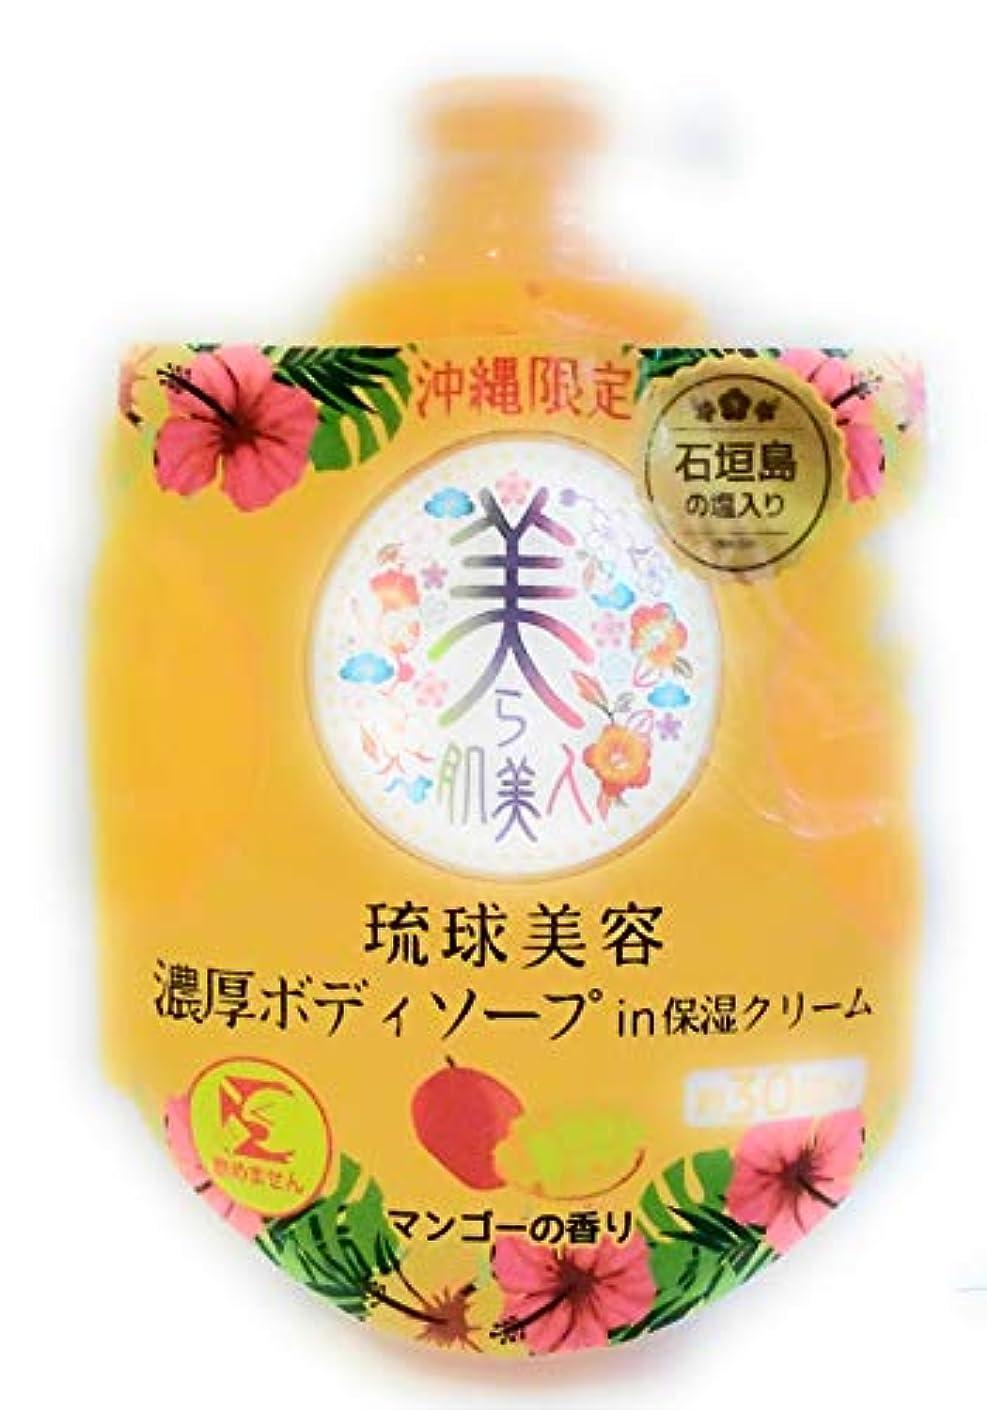 出来事結紮戸惑う沖縄限定 美ら肌美人 琉球美容濃厚ボディソープin保湿クリーム マンゴーの香り